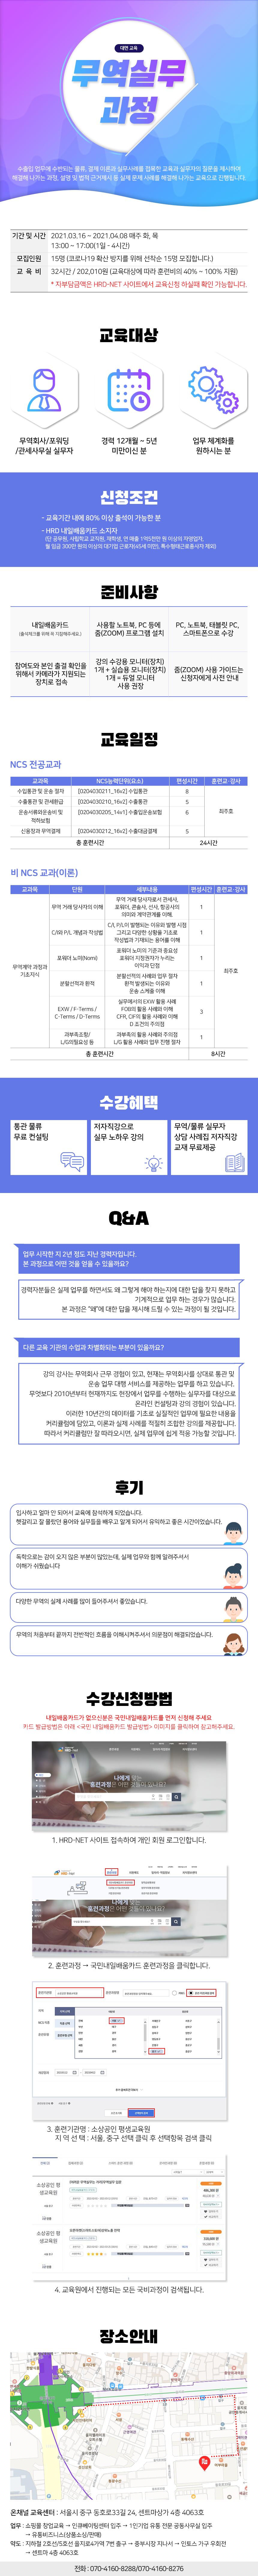 210217_무역실무과정.png